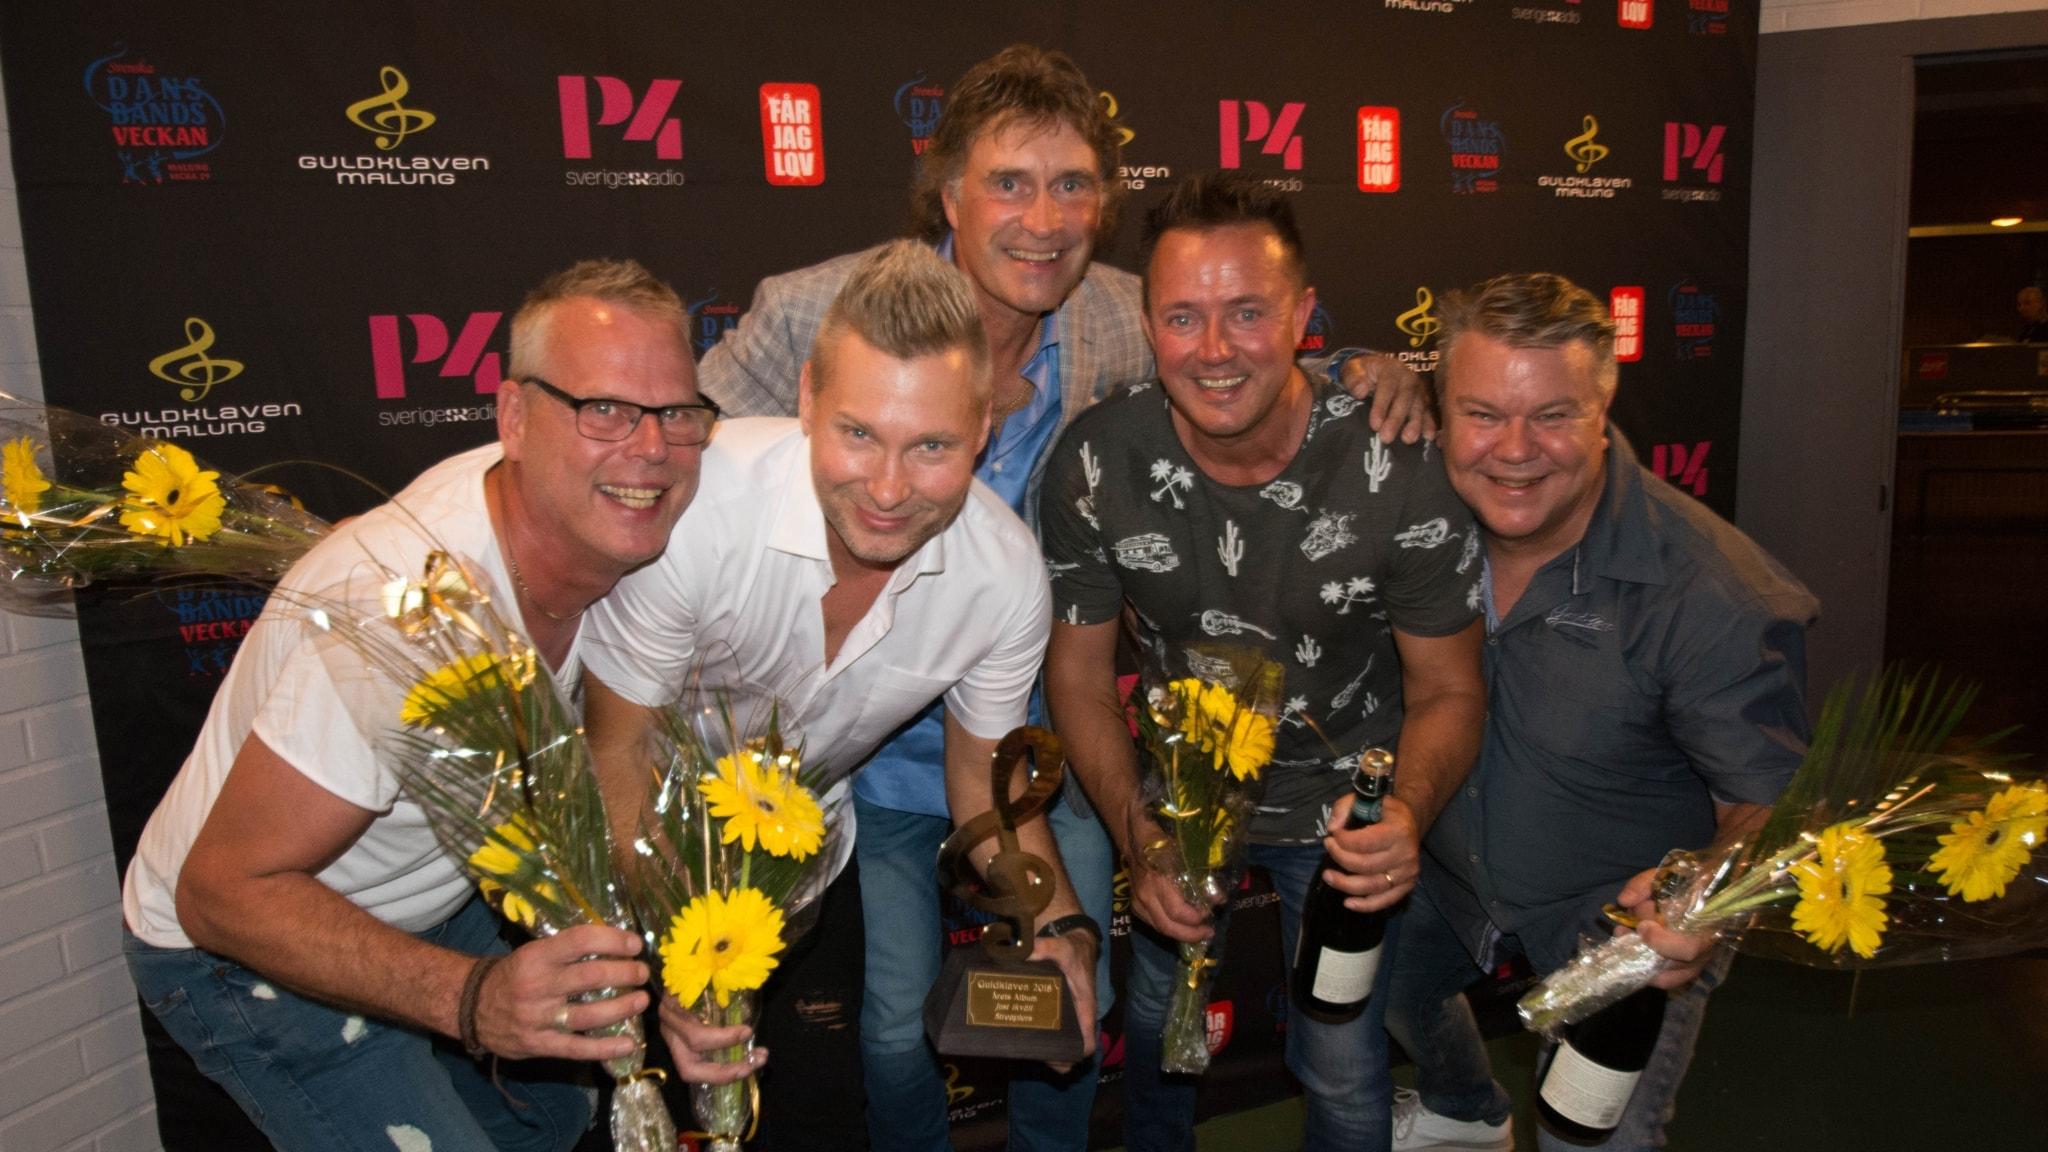 Streaplers vann Årets Album 2018